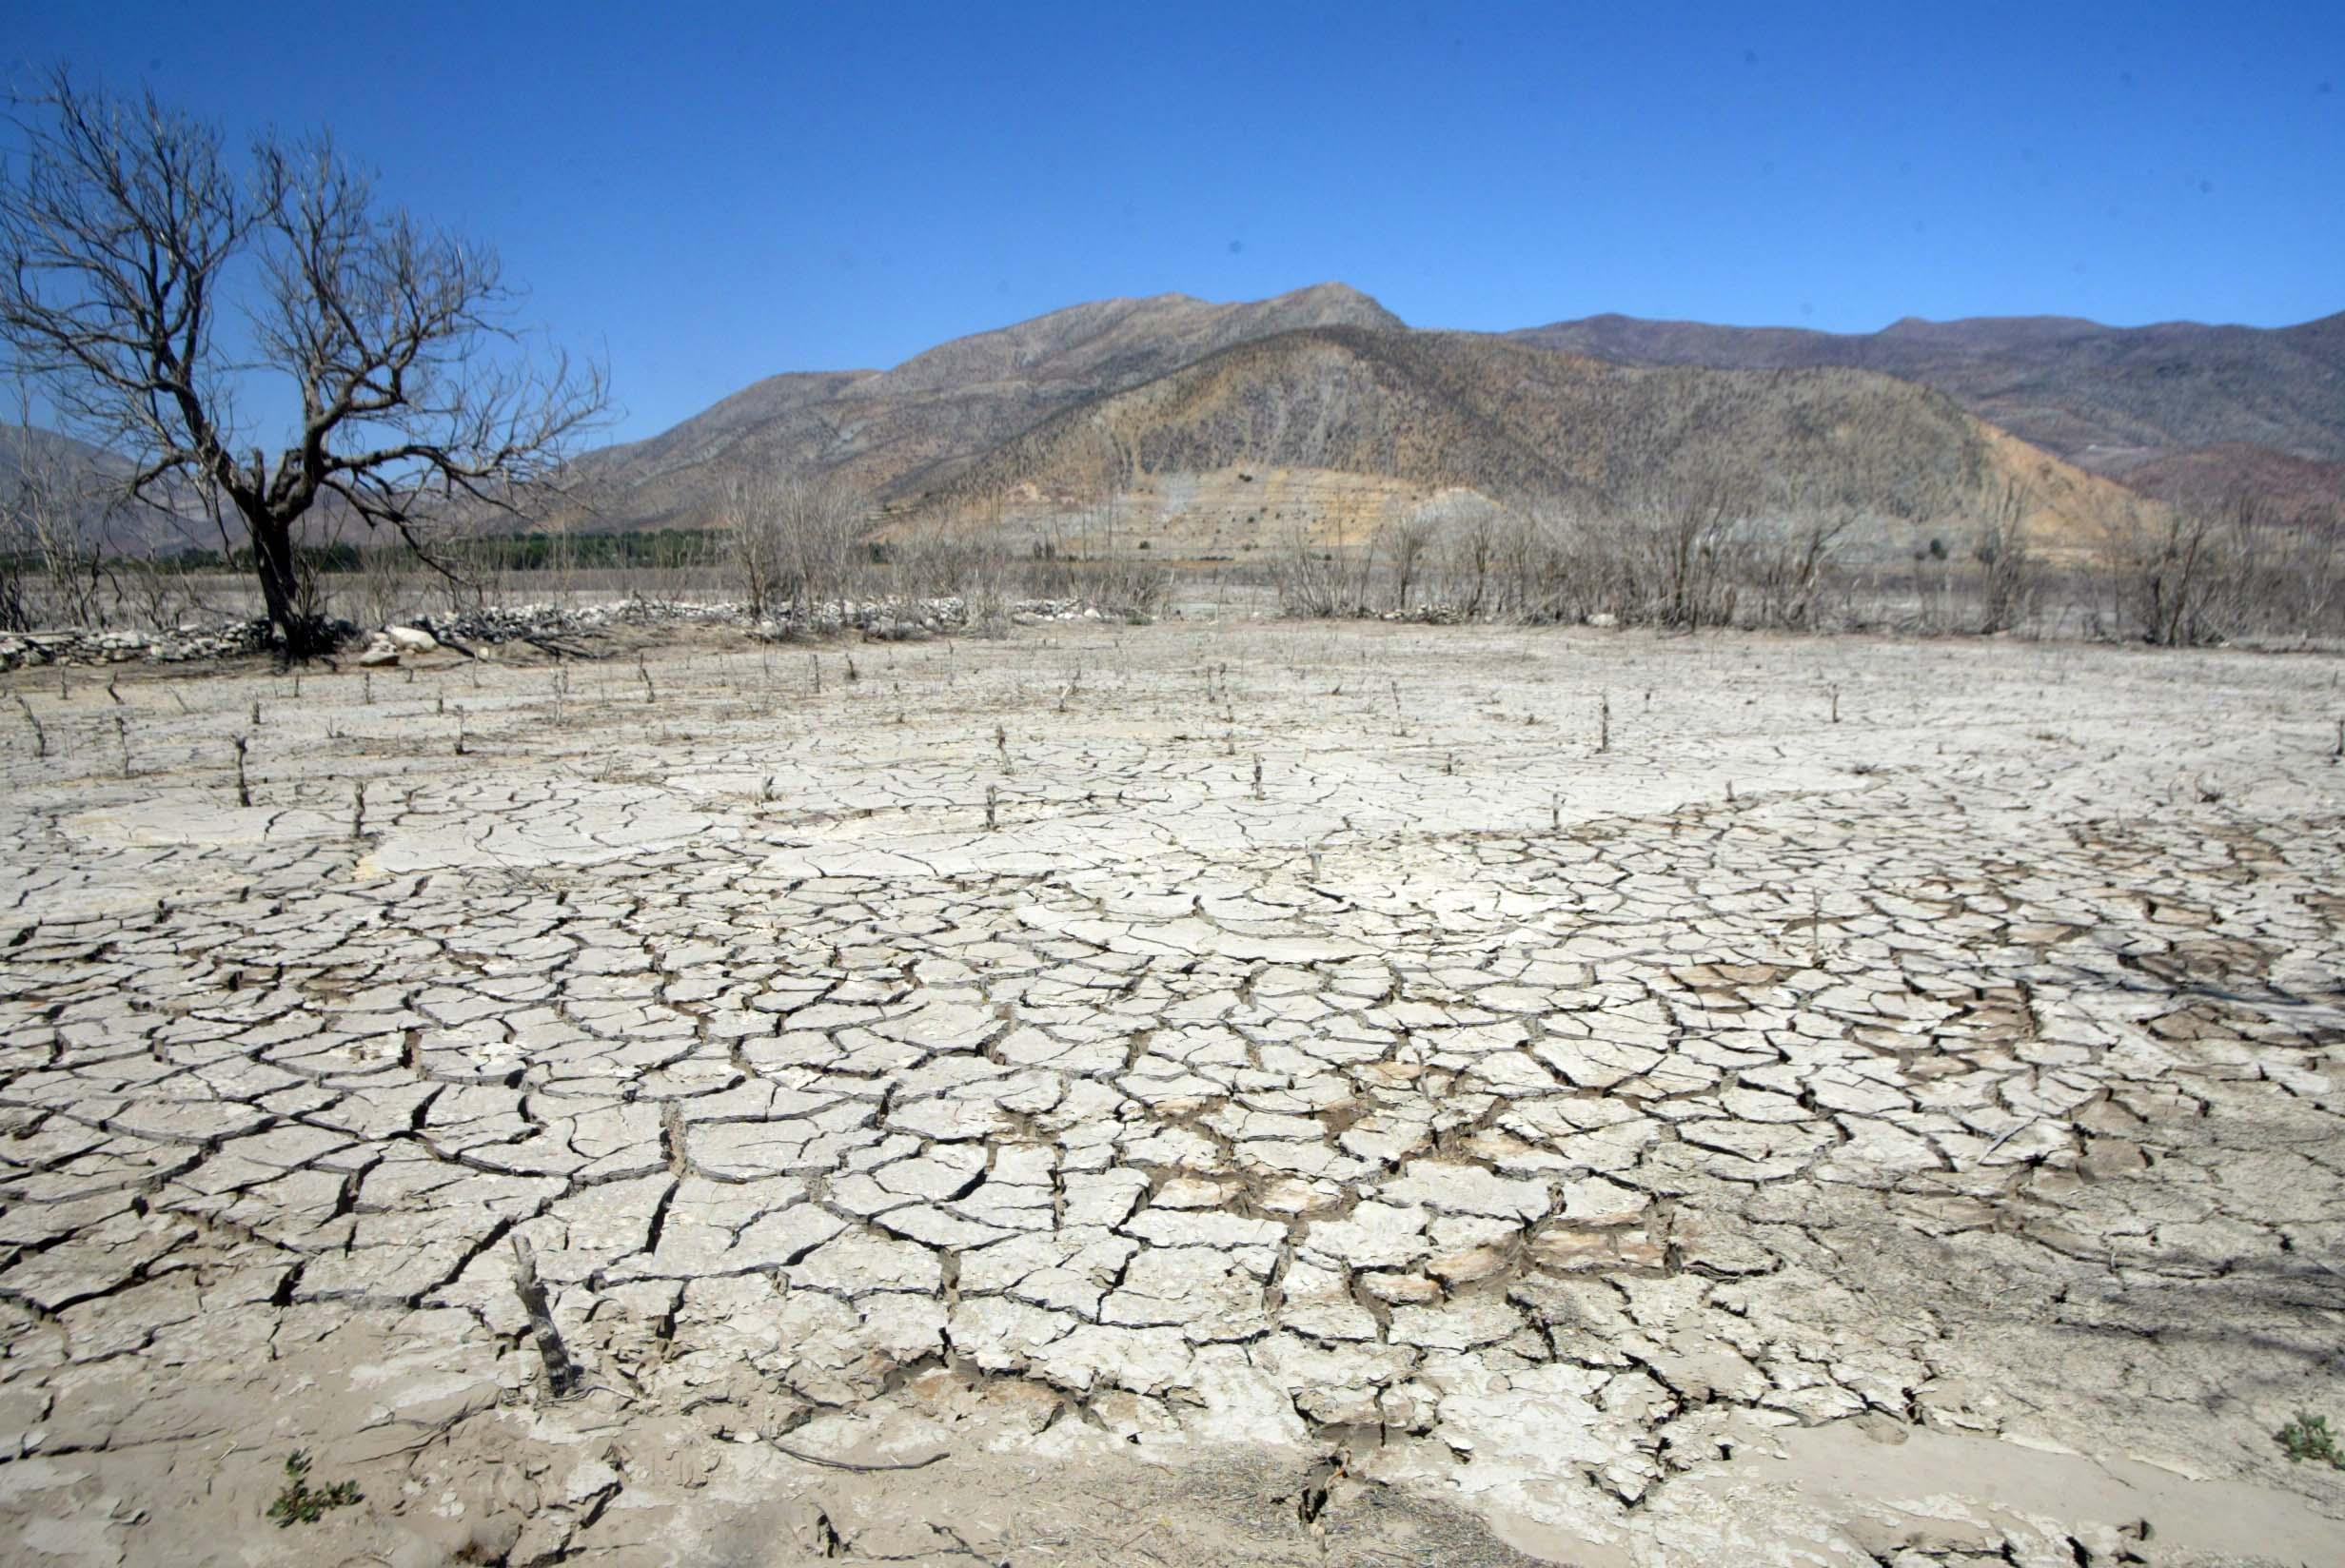 Medio Ambiente: La gran deuda de la doble jornada de debates, en uno de los años más secos de la historia del país